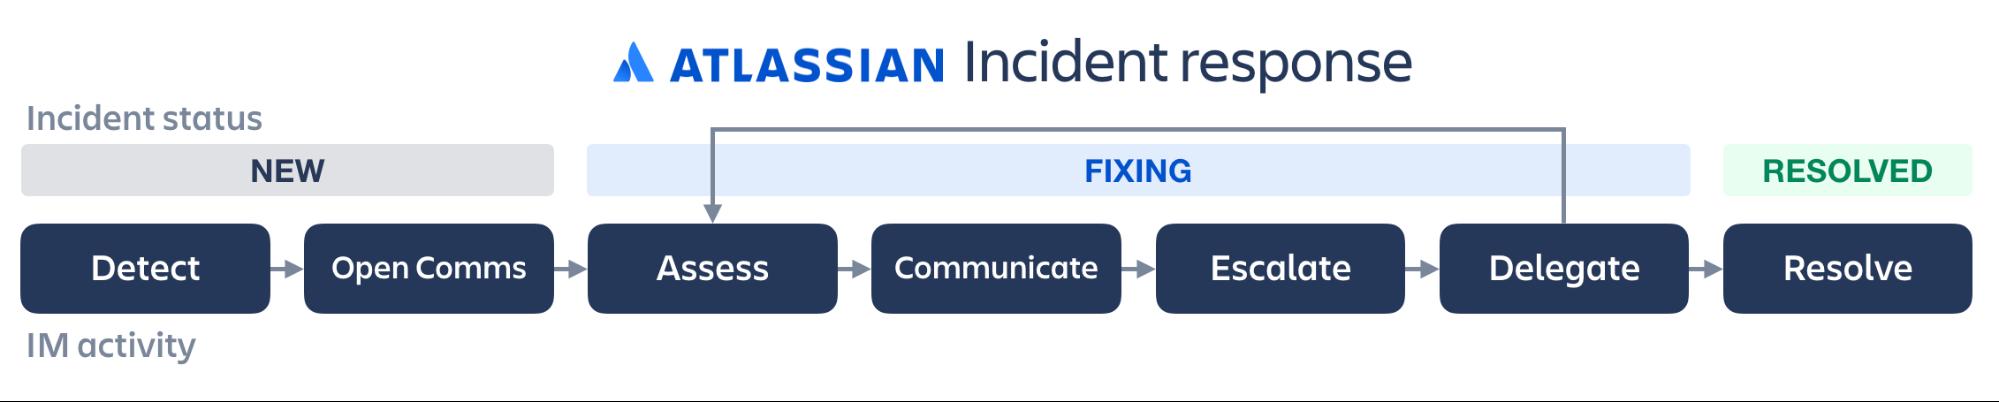 Иллюстрация реакции на инцидент: обнаружение, налаживание связи, оценка, коммуникация, эскалация, делегирование, разрешение